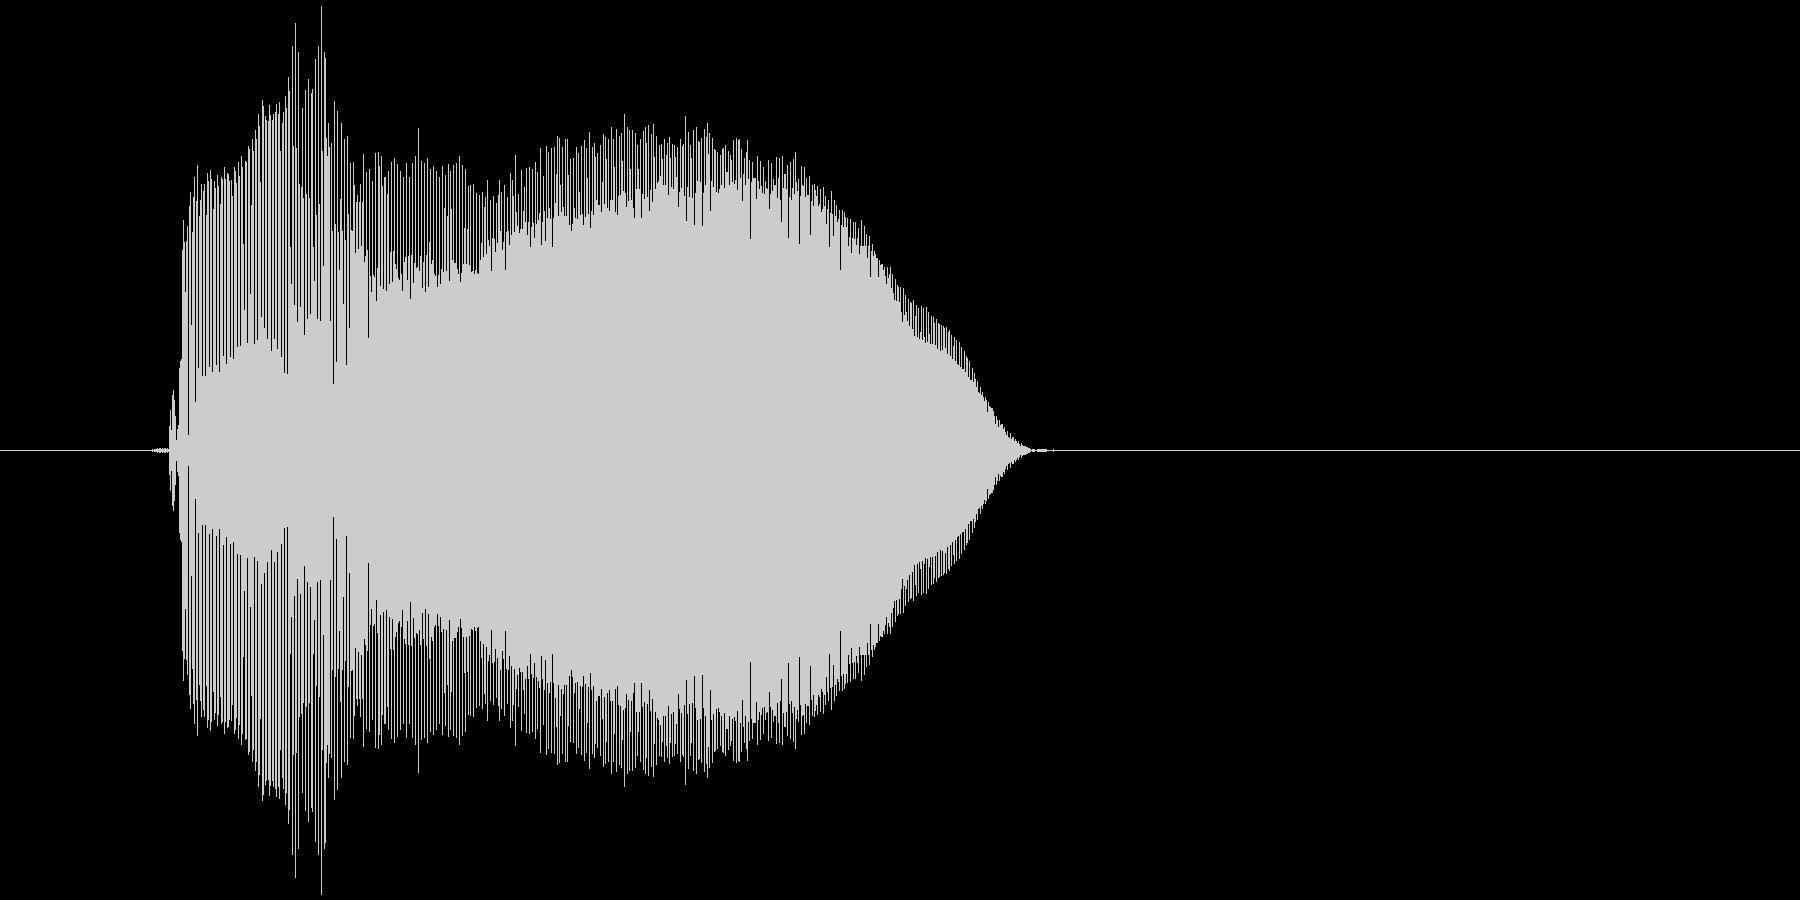 「ボォイン」の未再生の波形